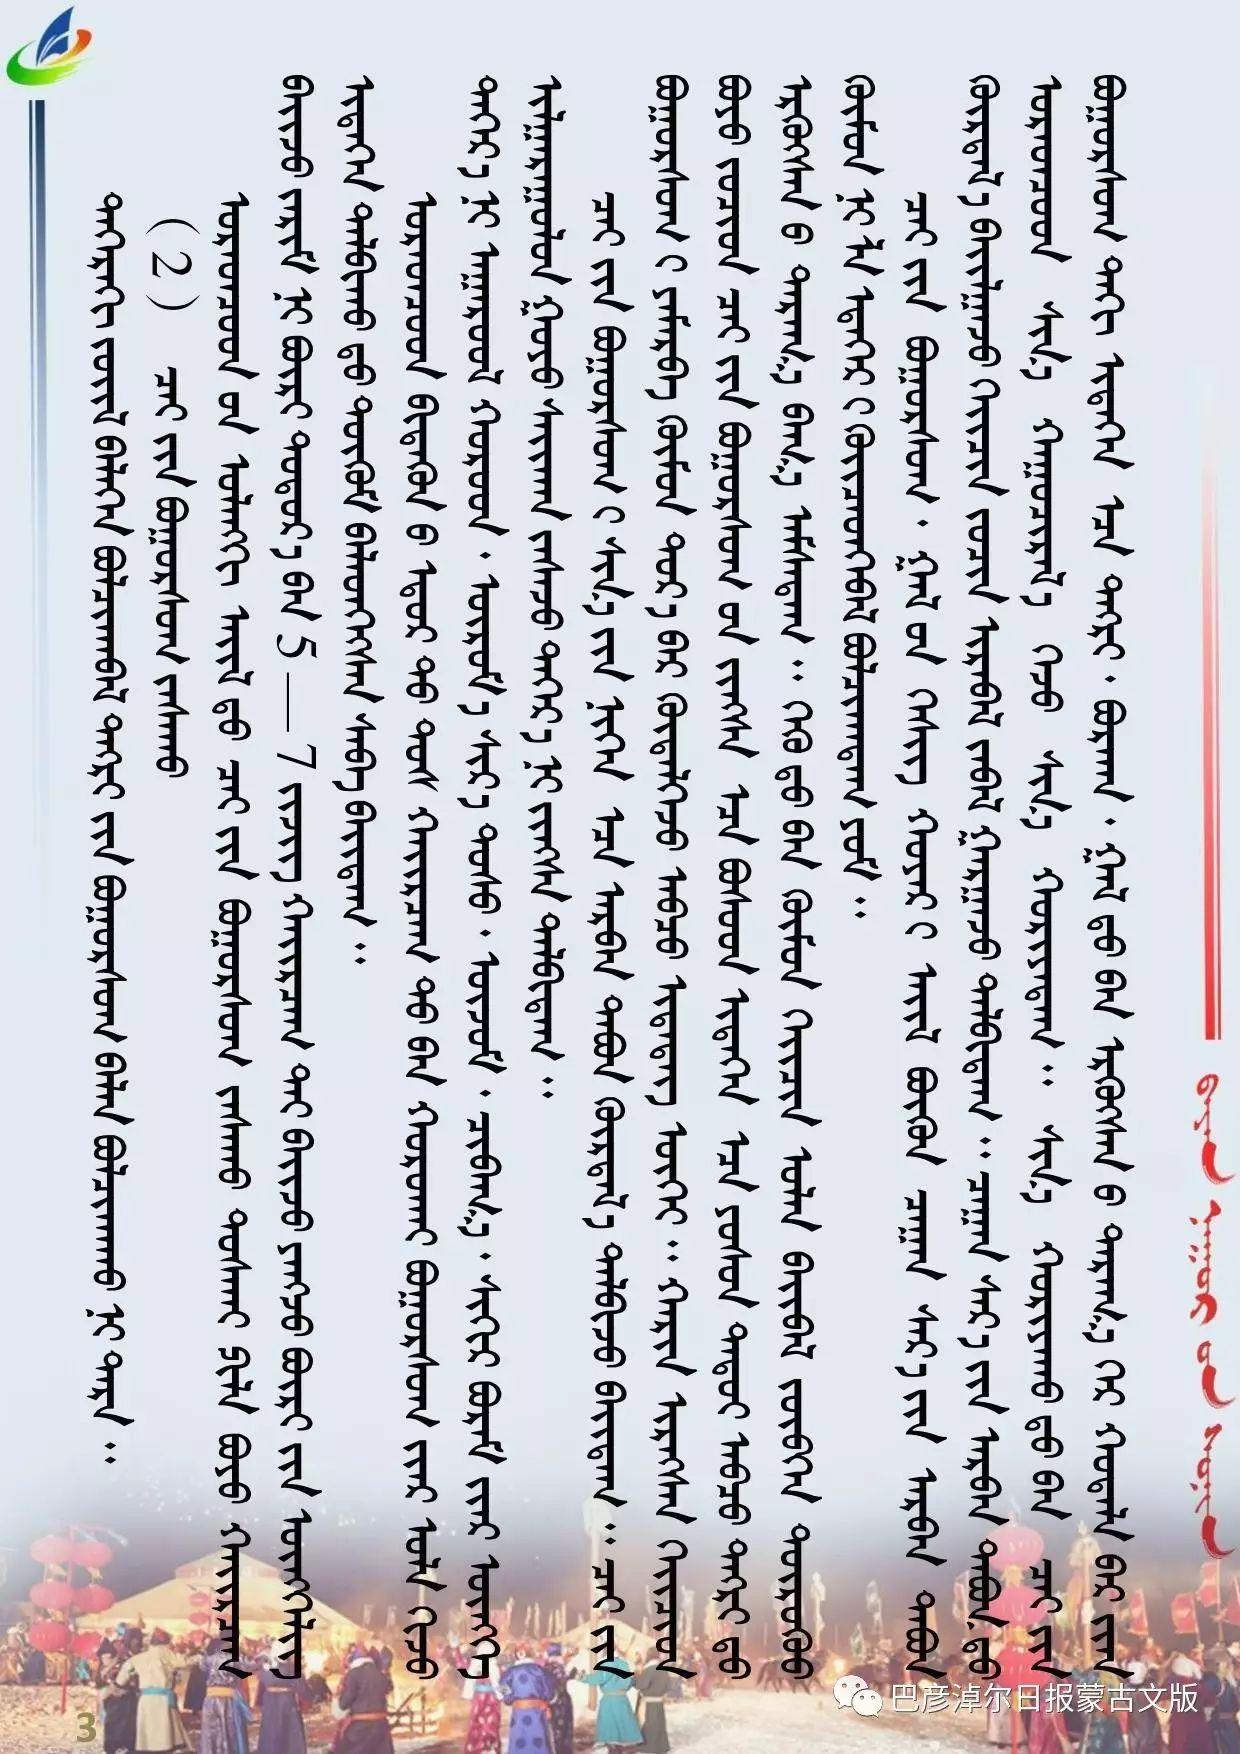 """【民俗】乌拉特蒙古族如何装饰""""金吉"""" 第3张 【民俗】乌拉特蒙古族如何装饰""""金吉"""" 蒙古文库"""